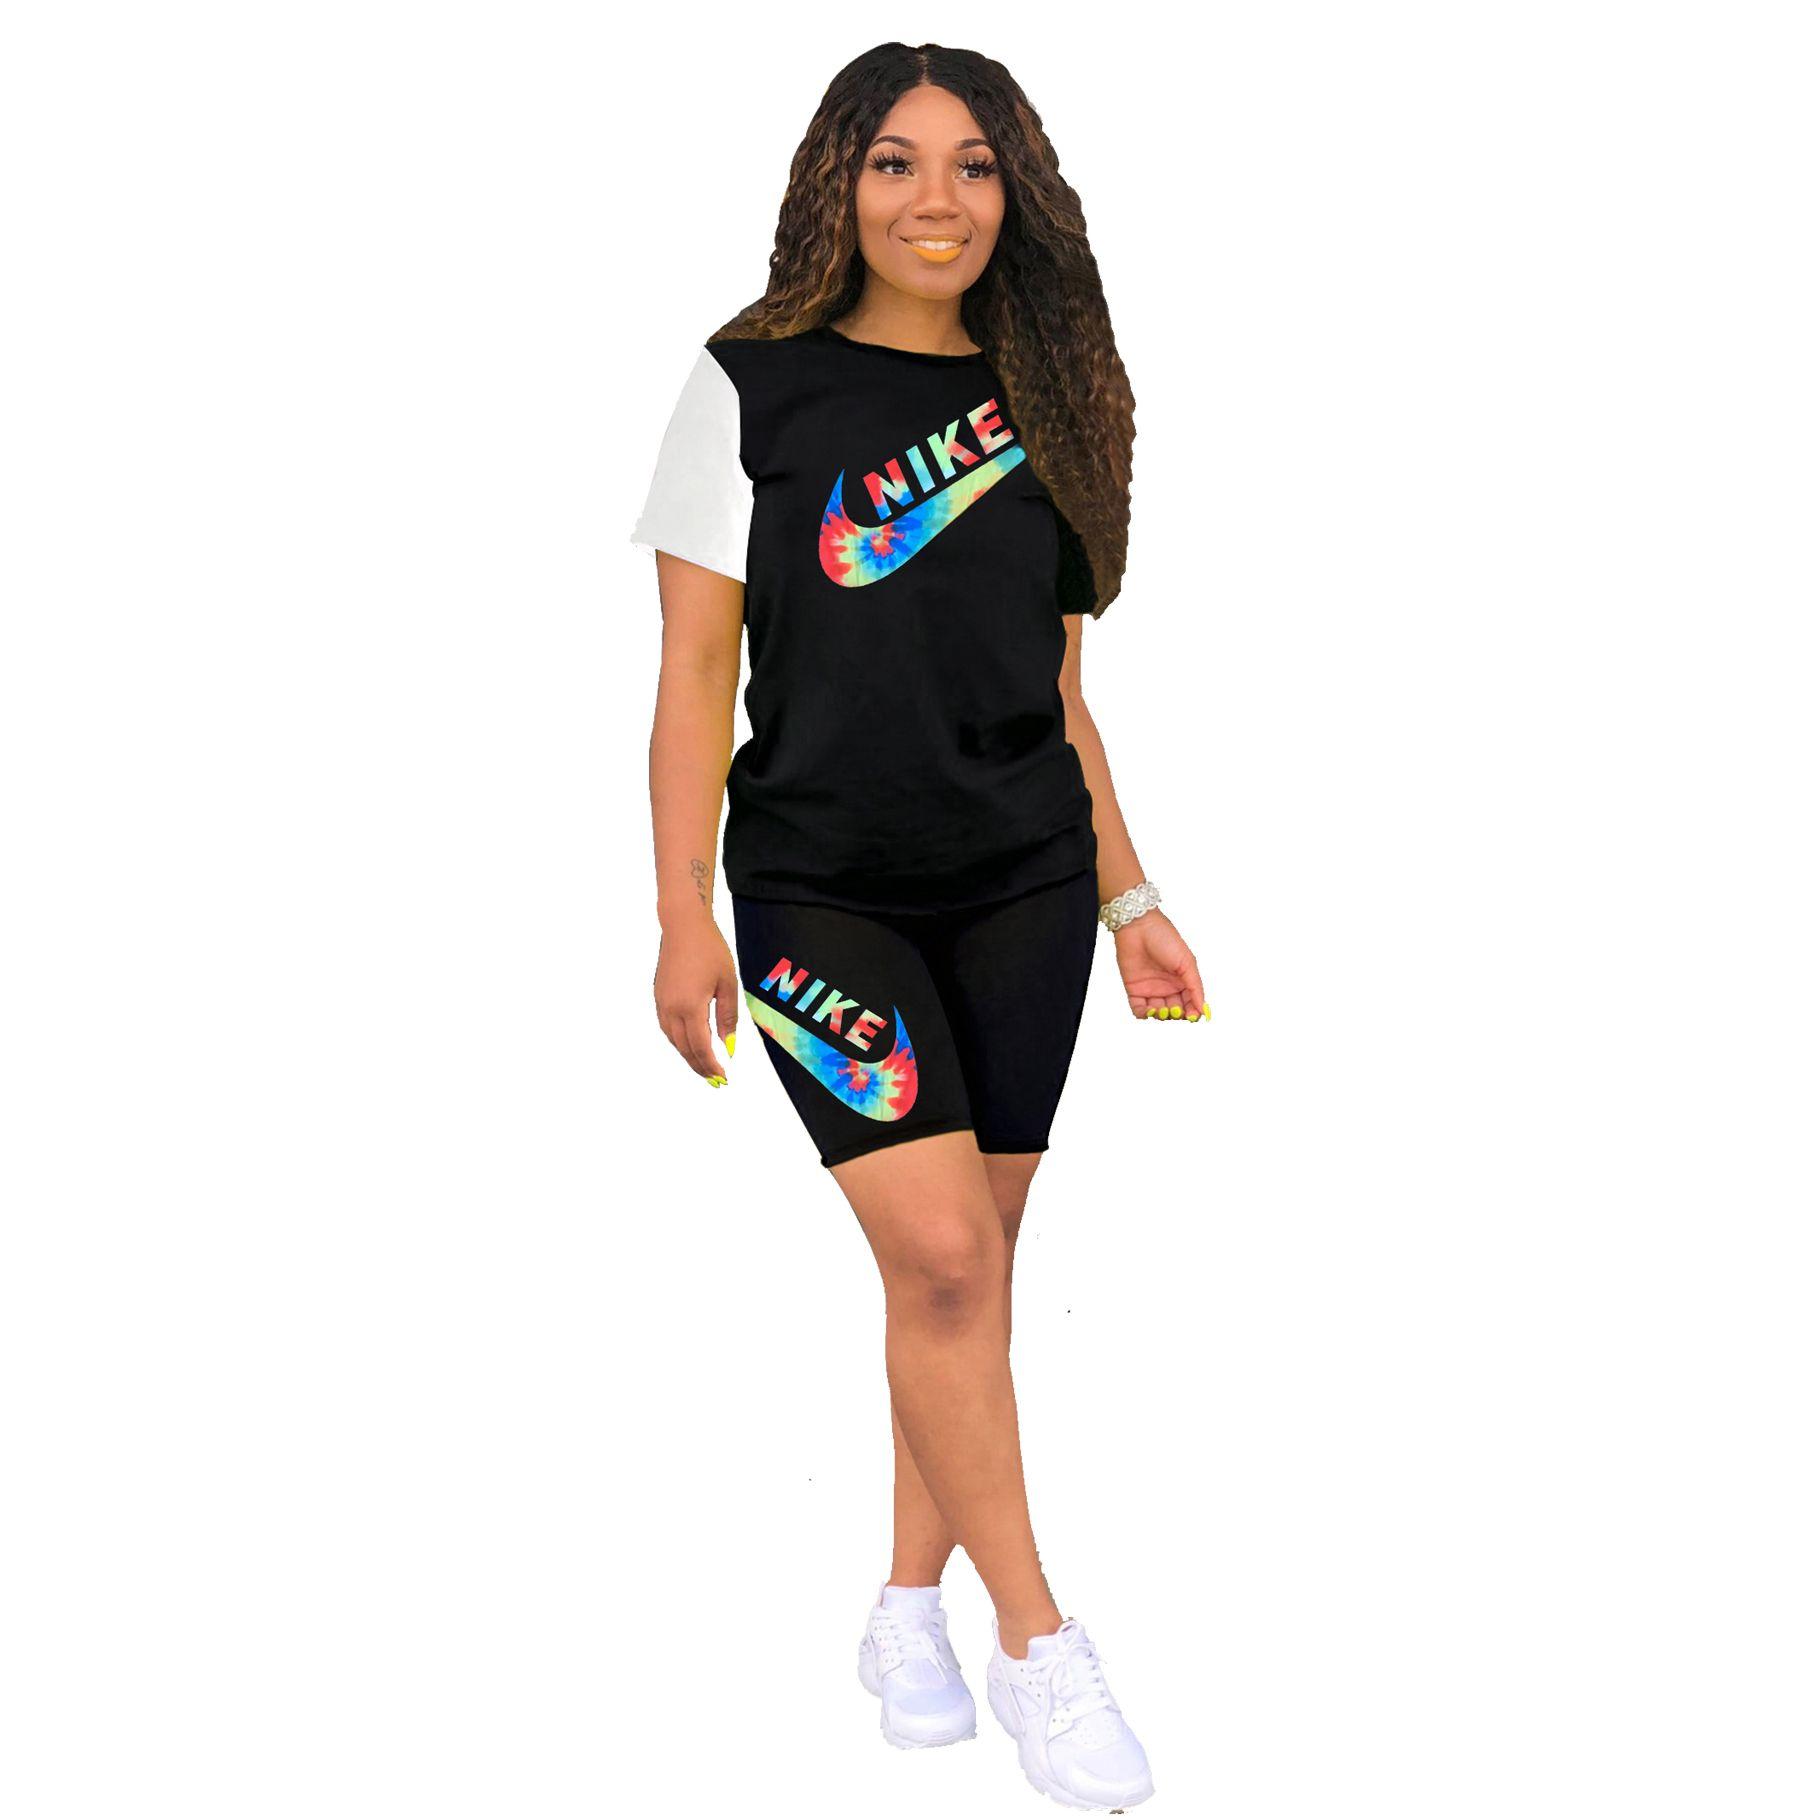 40k8037 Kadınlara özel spor kısa sleeve kıyafetler iki parçalı set eşofman koşu sportsuit gömlek şort kıyafetler sweatshirt spor takım elbise tayt